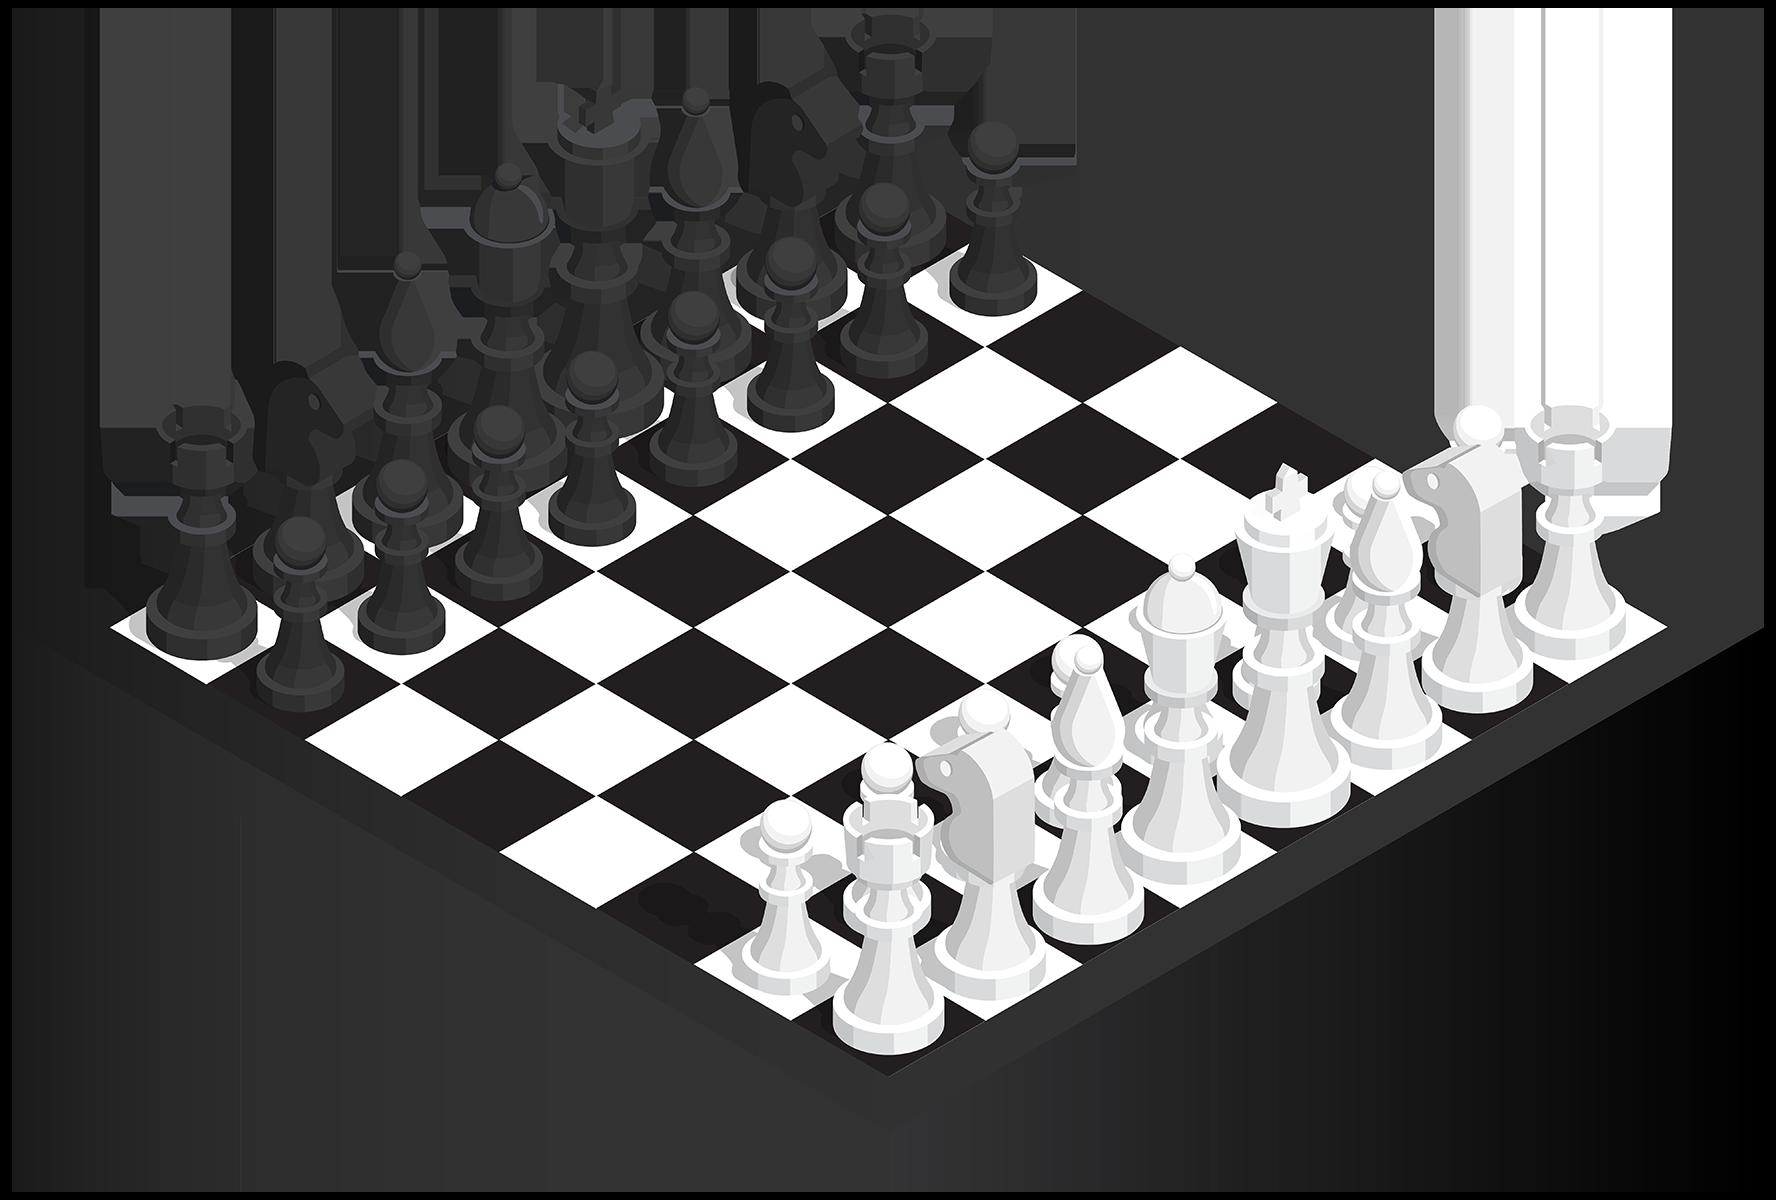 Шахматы - шахматы, игры